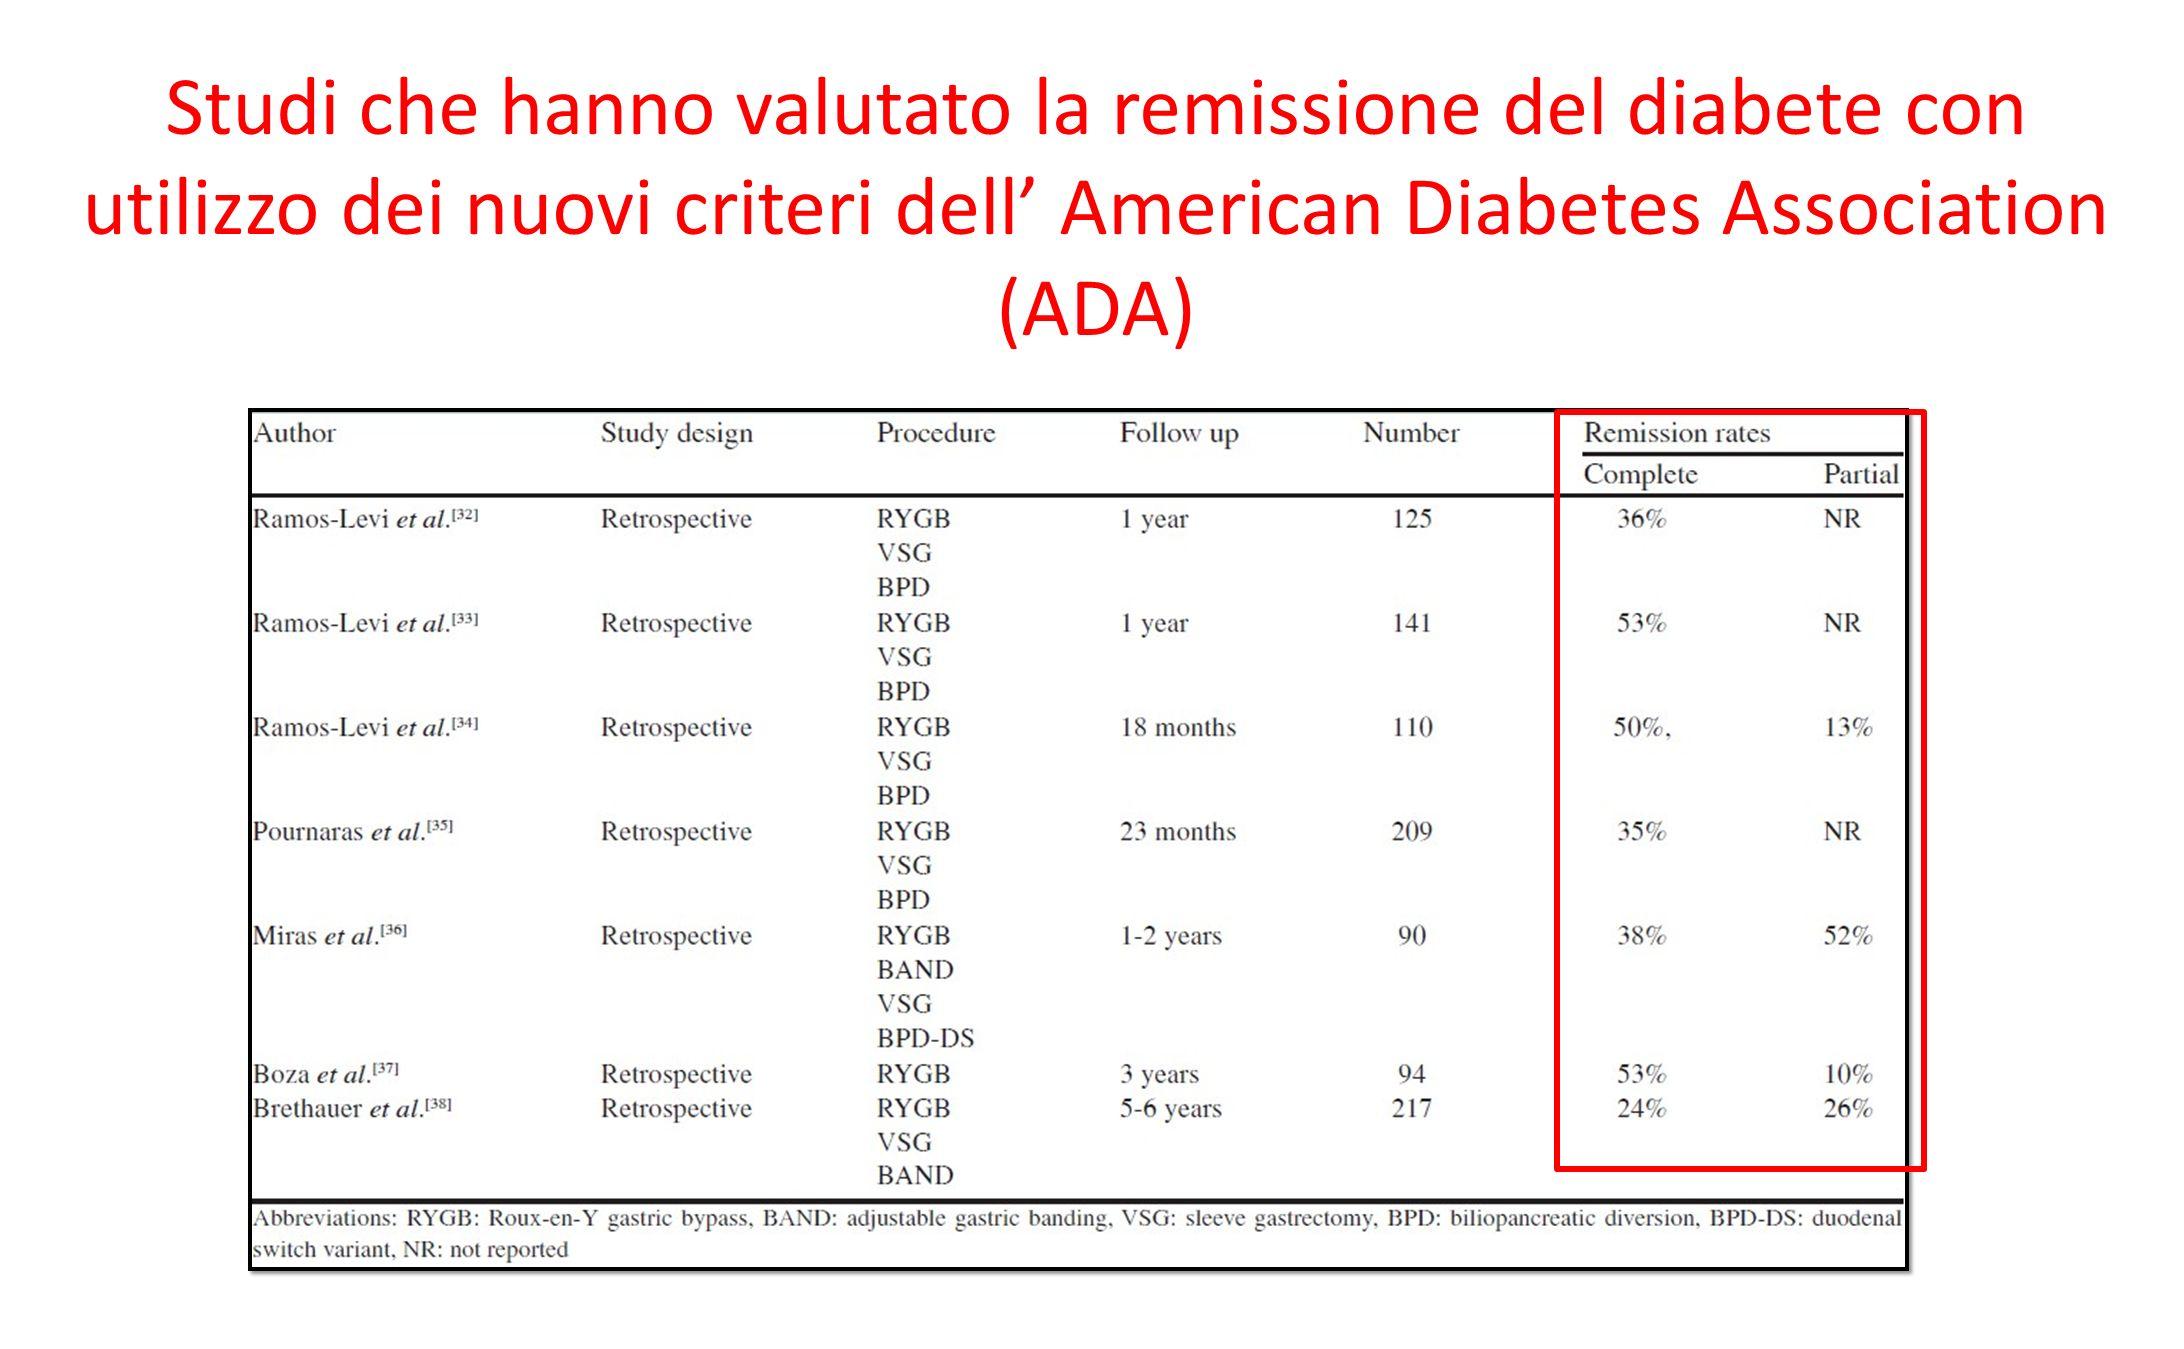 Studi che hanno valutato la remissione del diabete con utilizzo dei nuovi criteri dell' American Diabetes Association (ADA)